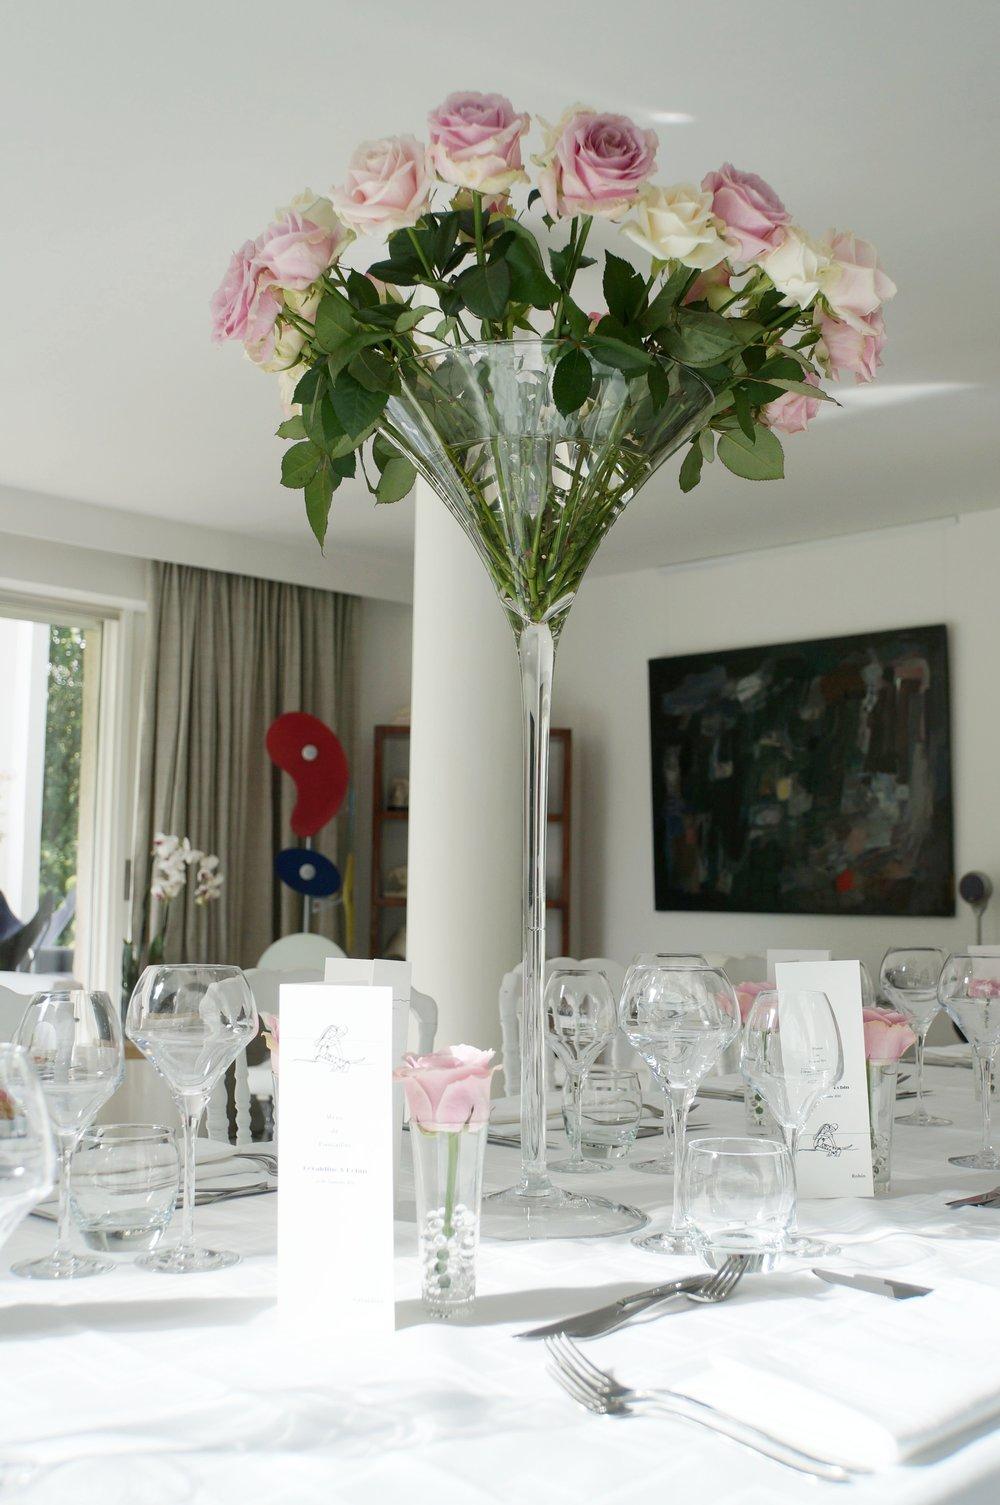 mariage basque fun chic fleurs saison couleur rose dior rose poudrée dior menu papeterie surf.JPG